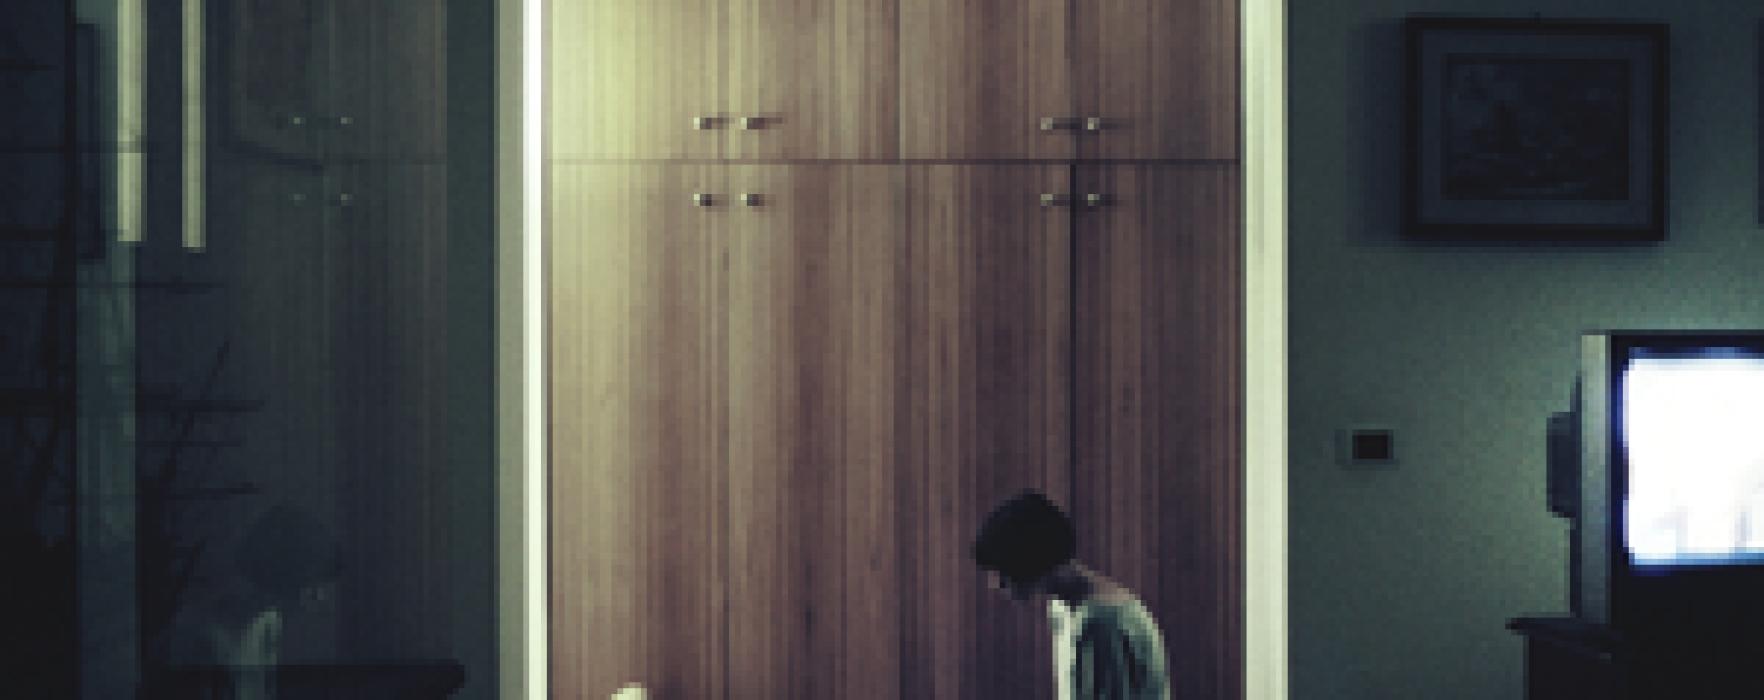 """Deison & Uggeri: """"In the Other House"""", la recensione"""